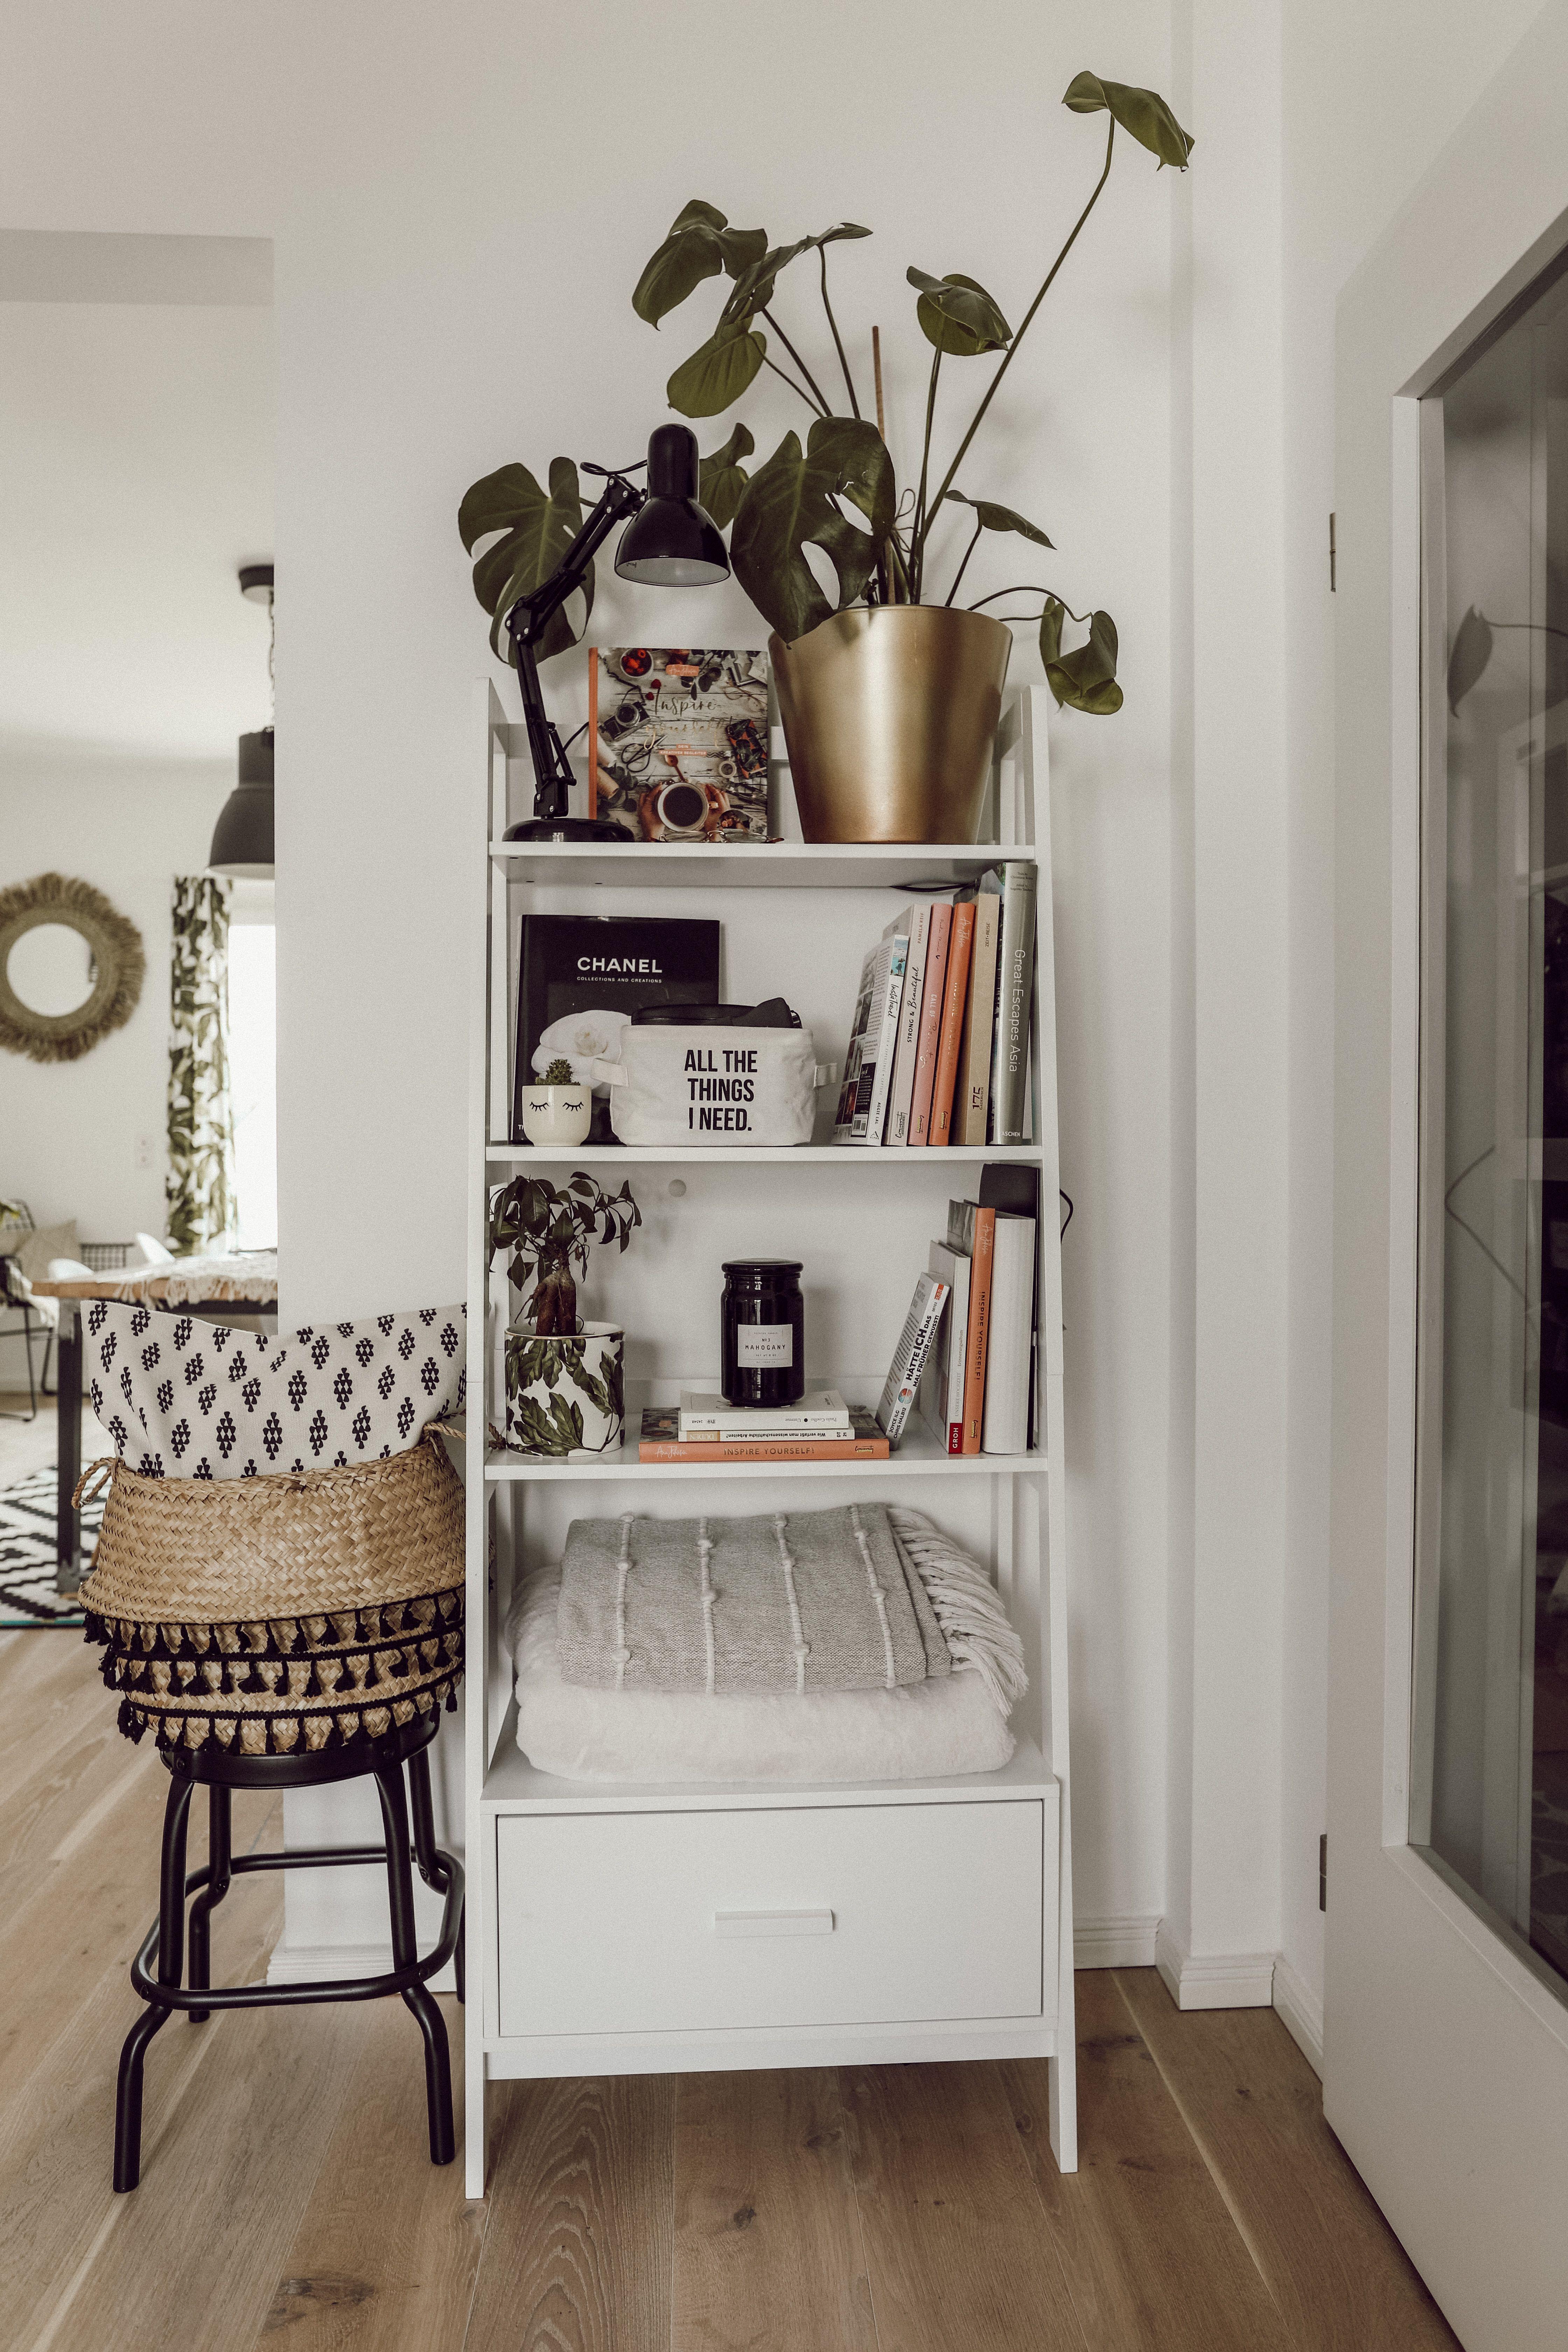 Deko Essentials By Ana Johnson In 2020 Dekoration Wohnung Inneneinrichtung Einrichten Und Wohnen